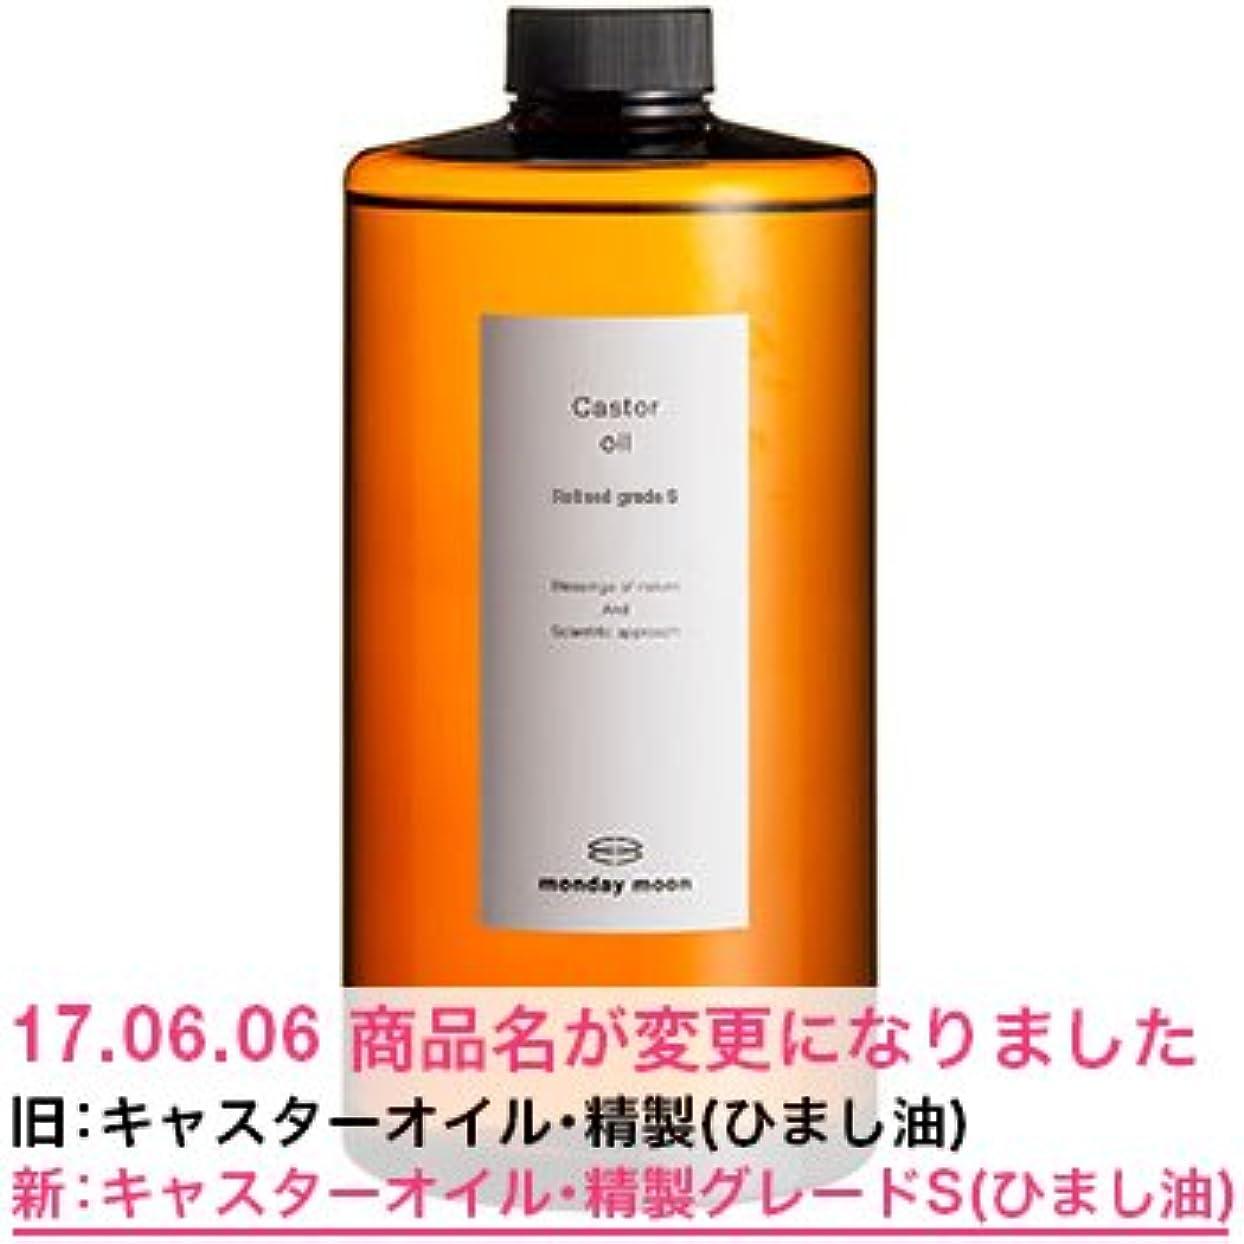 脅かす溢れんばかりの登場ひまし油?精製グレードS(キャスターオイル)/1000ml